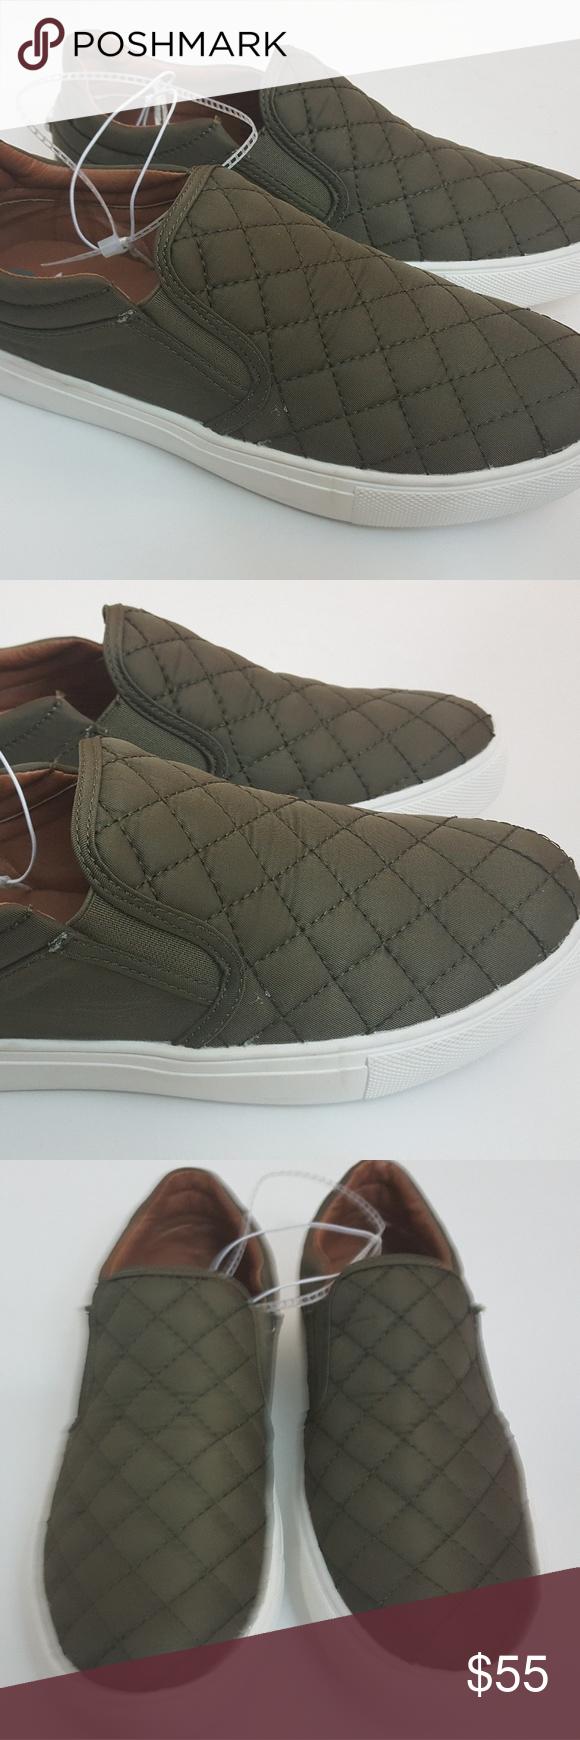 fe5aa278239c7 Steve Madden Ecentric Ellen Slip On Sneakers Sz 7 Steve Madden ...